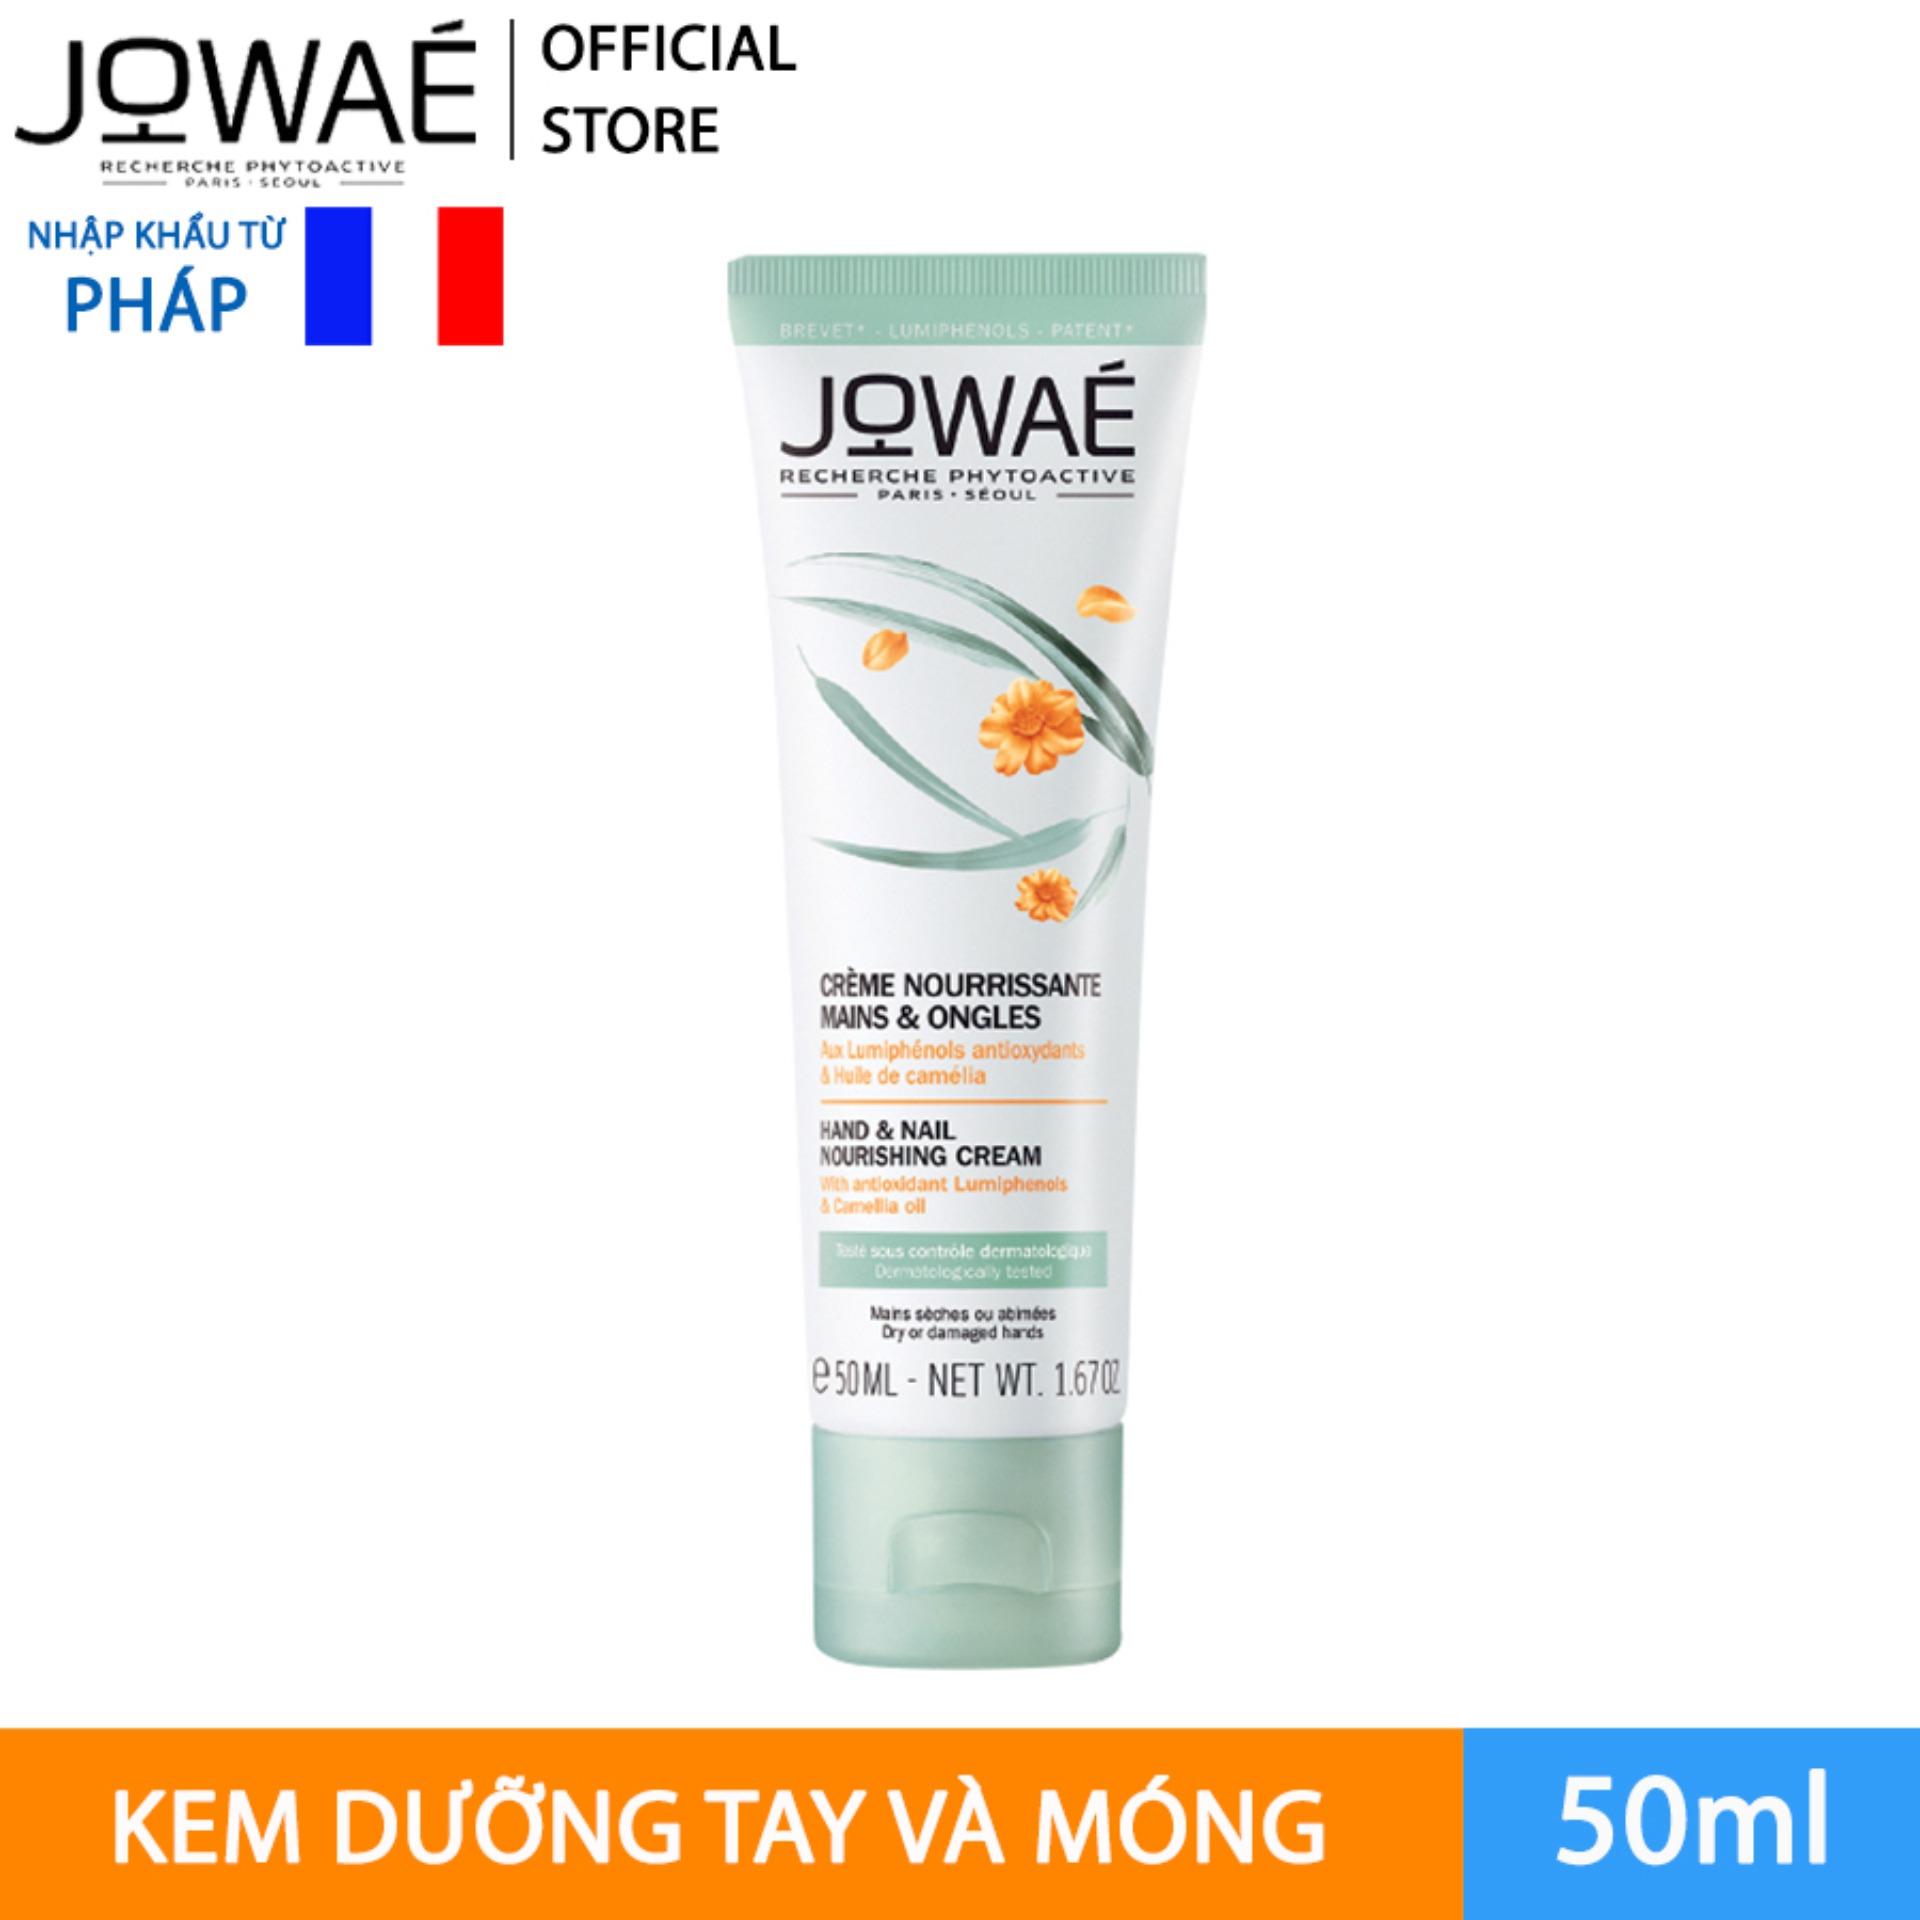 Kem dưỡng tay và móng JOWAE mỹ phẩm thiên nhiên nhập khẩu từ Pháp  HAND AND NAIL NOURISHING CREAM cao cấp